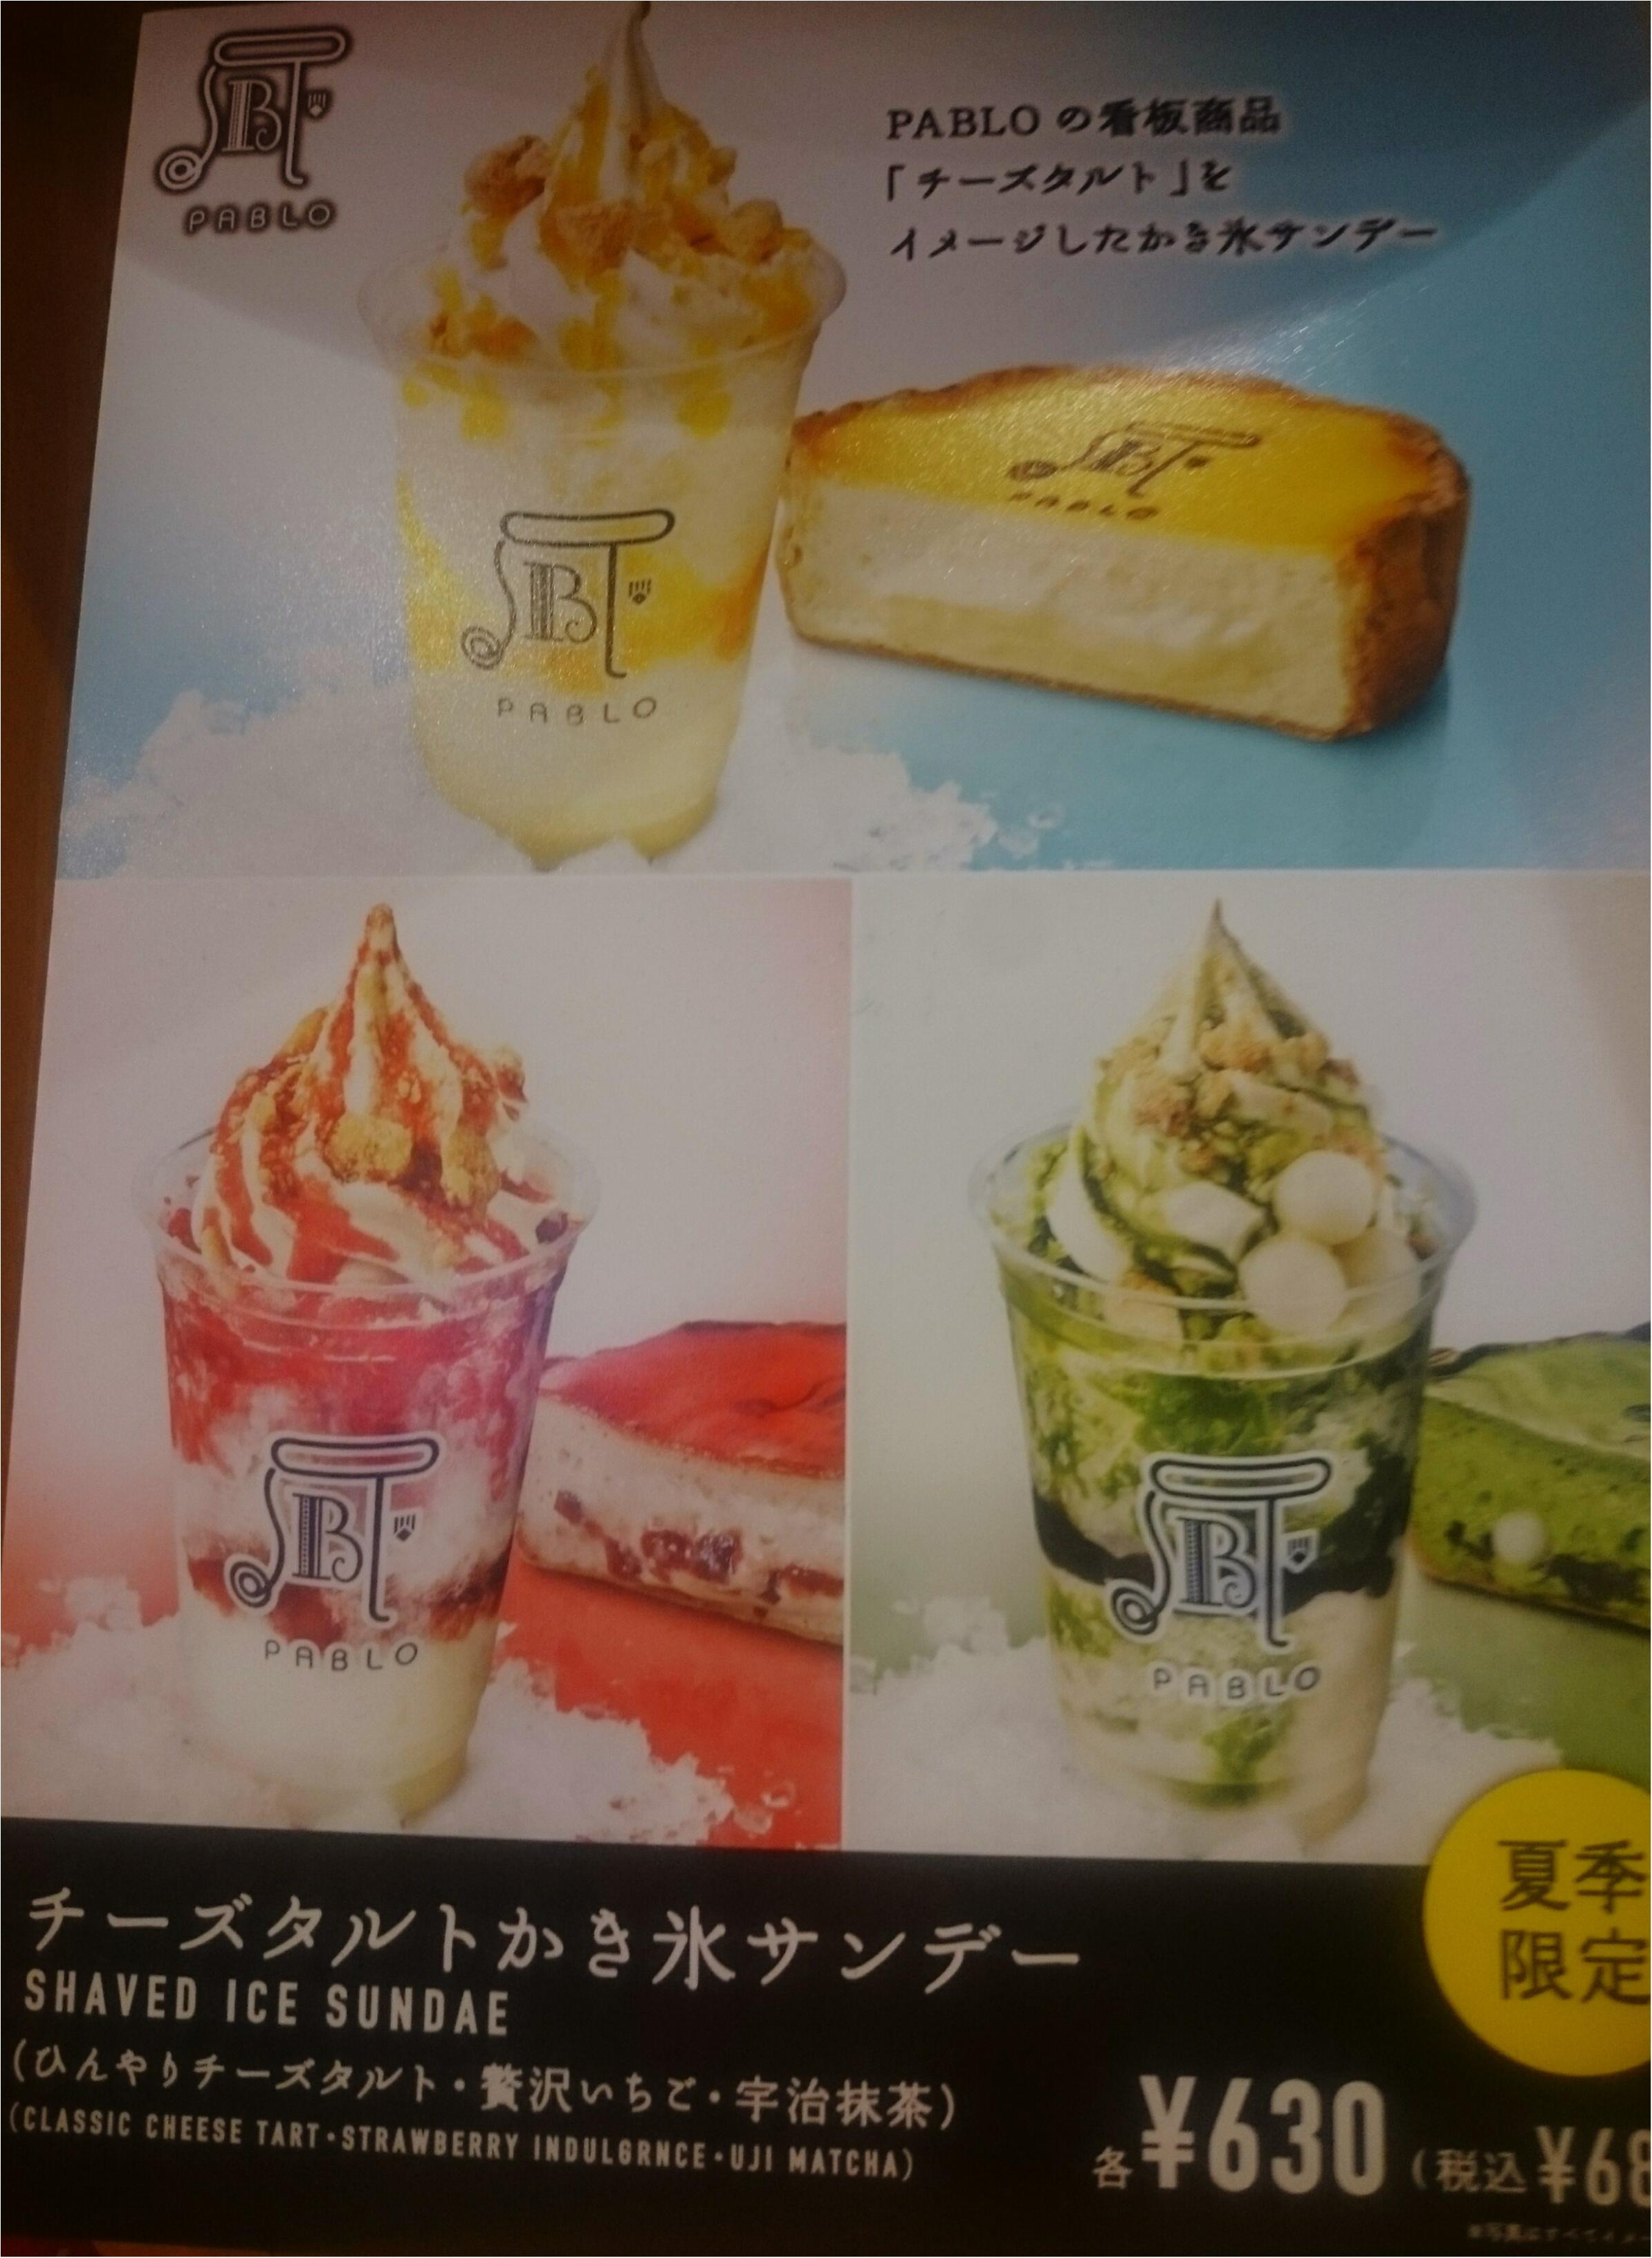 【パブロミニ】9月の季節限定PABLO mini モンブラン_11